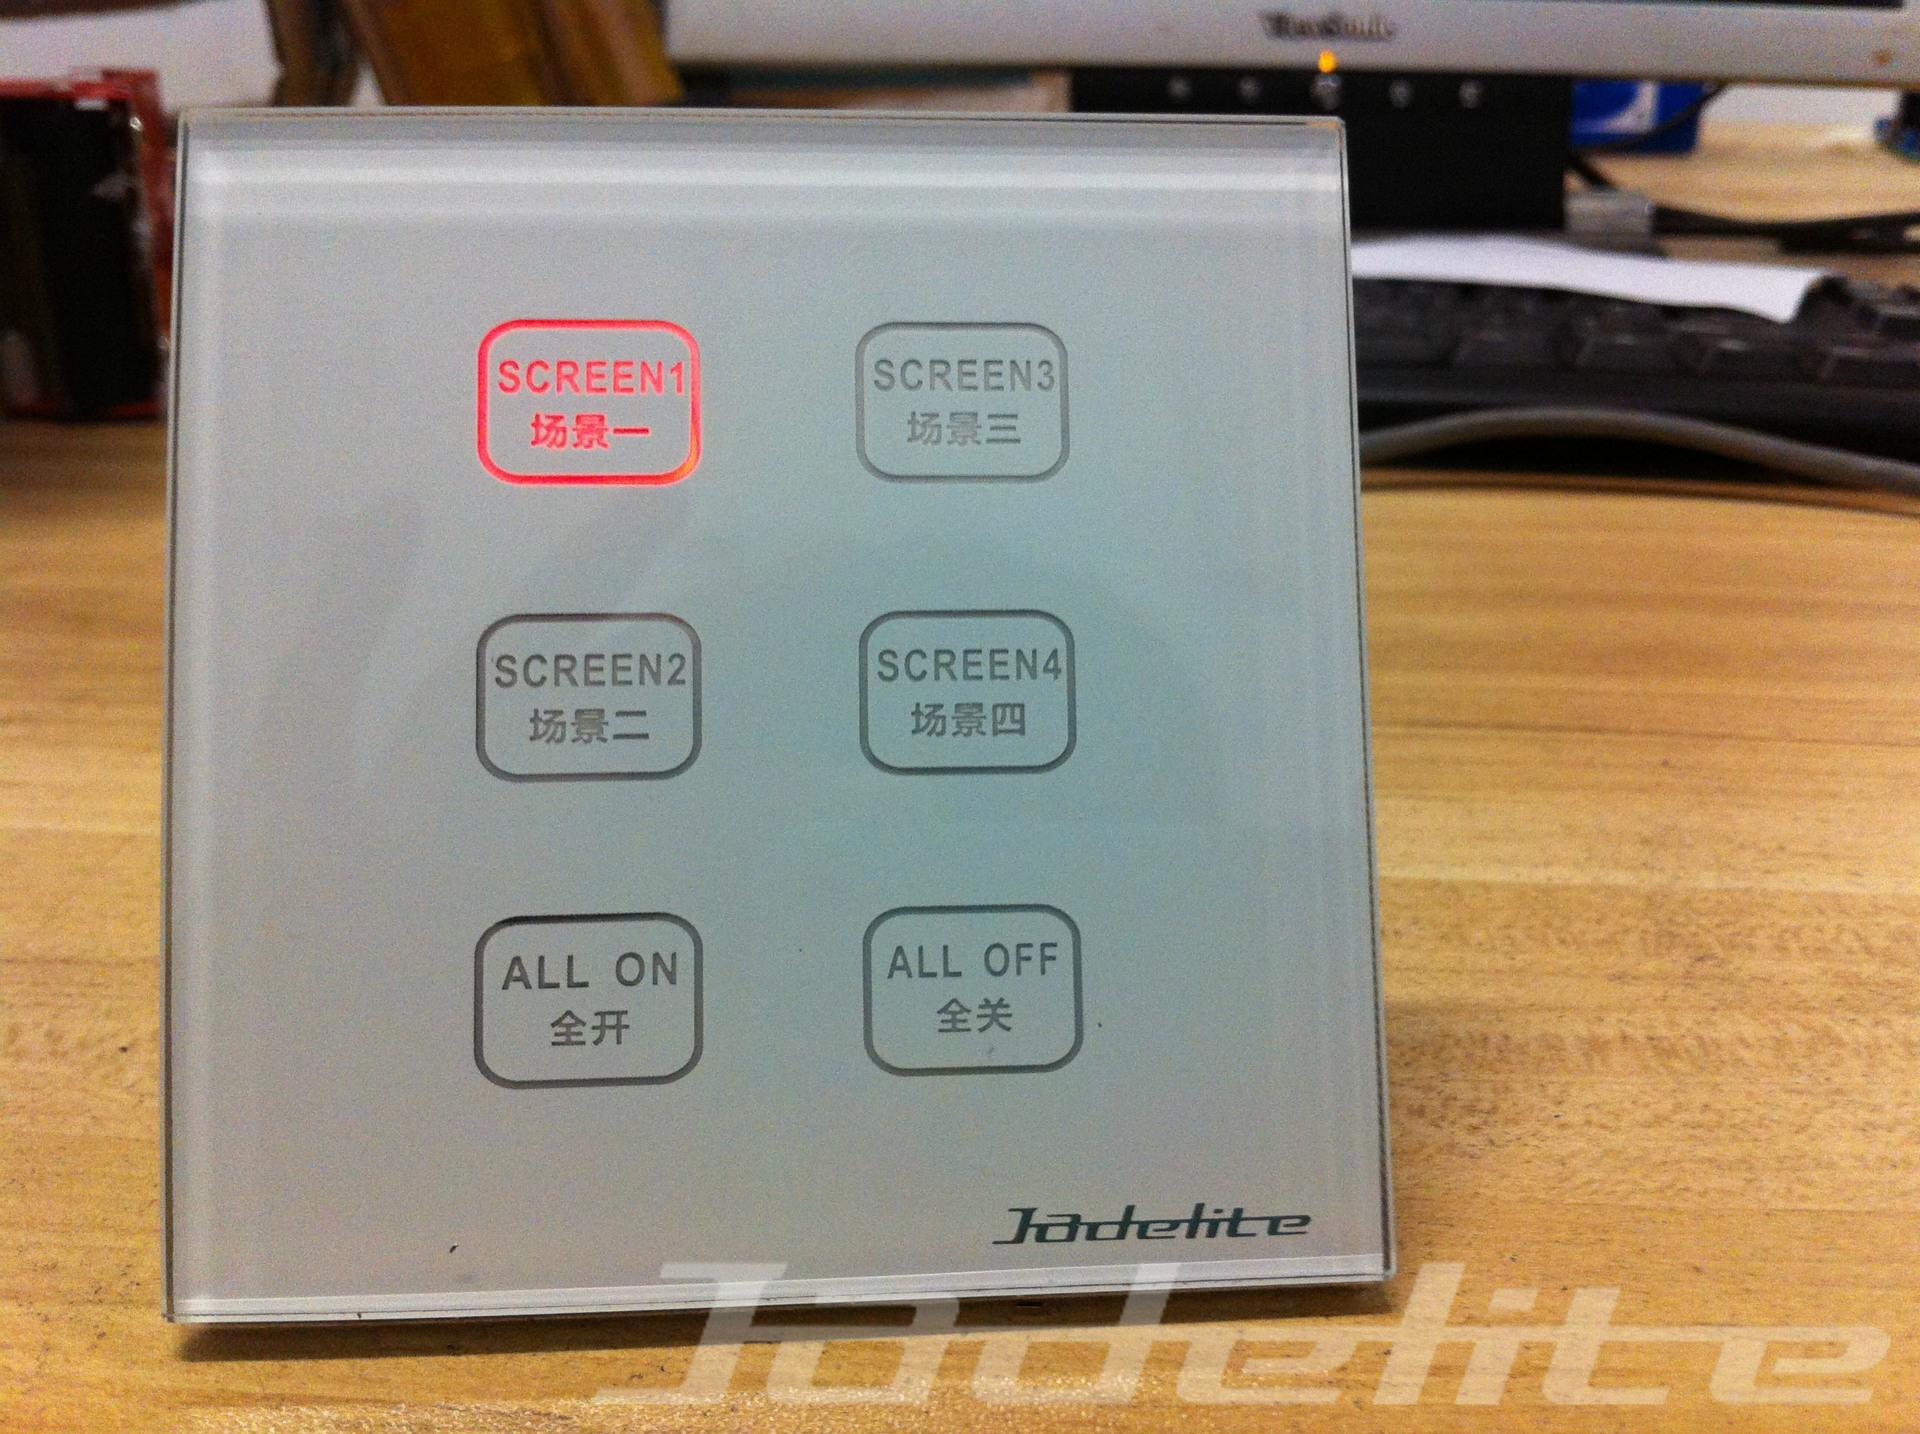 技术参数 输入电压:DC15-30V 总线耗电:50mA/DC24V 工作环境:温度0-45 湿度20%-90% 安装方式:嵌墙式标准86×86(mm)安装 外型尺寸:86×86×30mm(长×宽×高) 面板材质:锌合金 玻璃 产品功能 适用86型预埋盒 预置6场景,可控制64个区域,可扩展场景 每区控制256回路 按键LED背光显示 带上锁功能 断电记忆功能 产品资质 该产品已经通过CE认证。 应用 该产品可以用在需要进行调光控制、场景控制、集